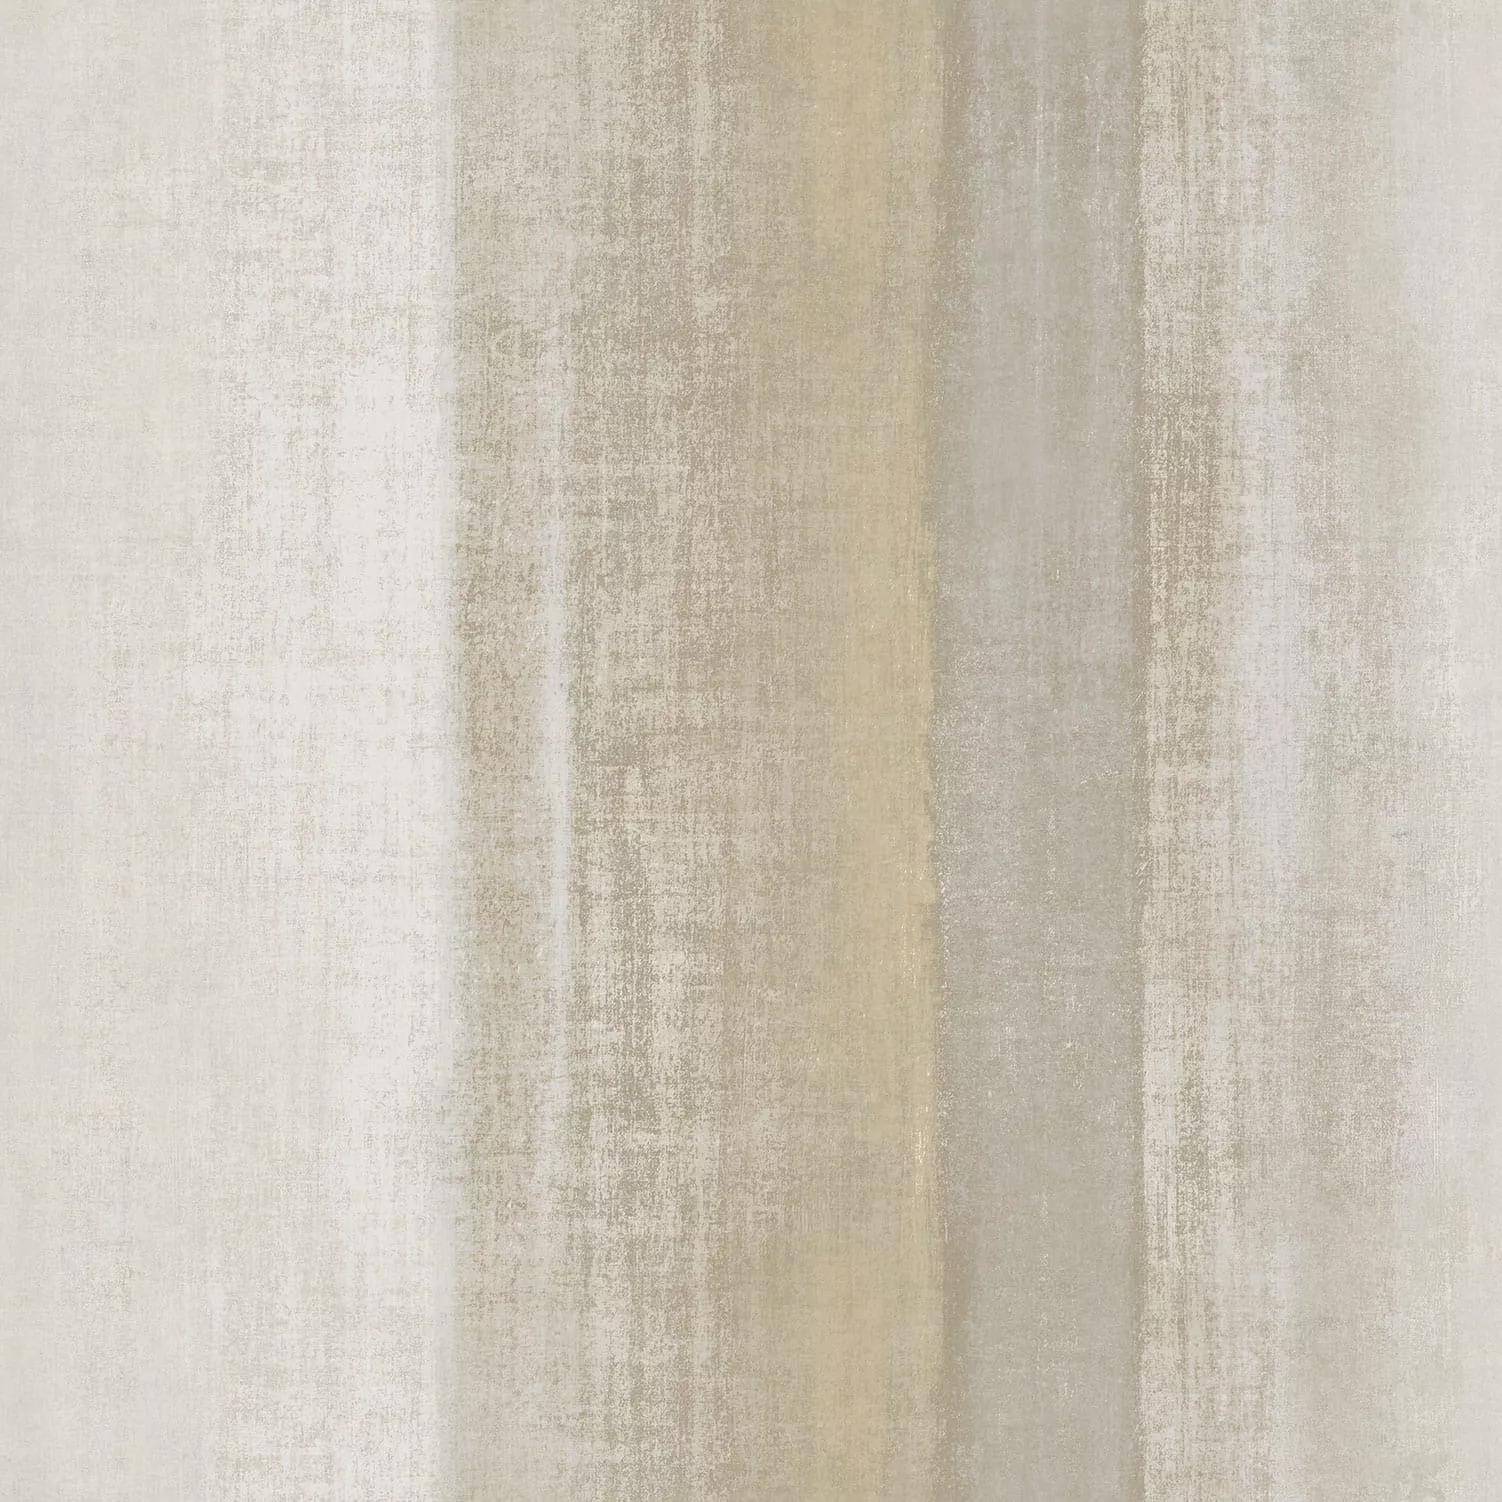 Bézs-fehér exkluzív csikos mintás vinyl tapéta